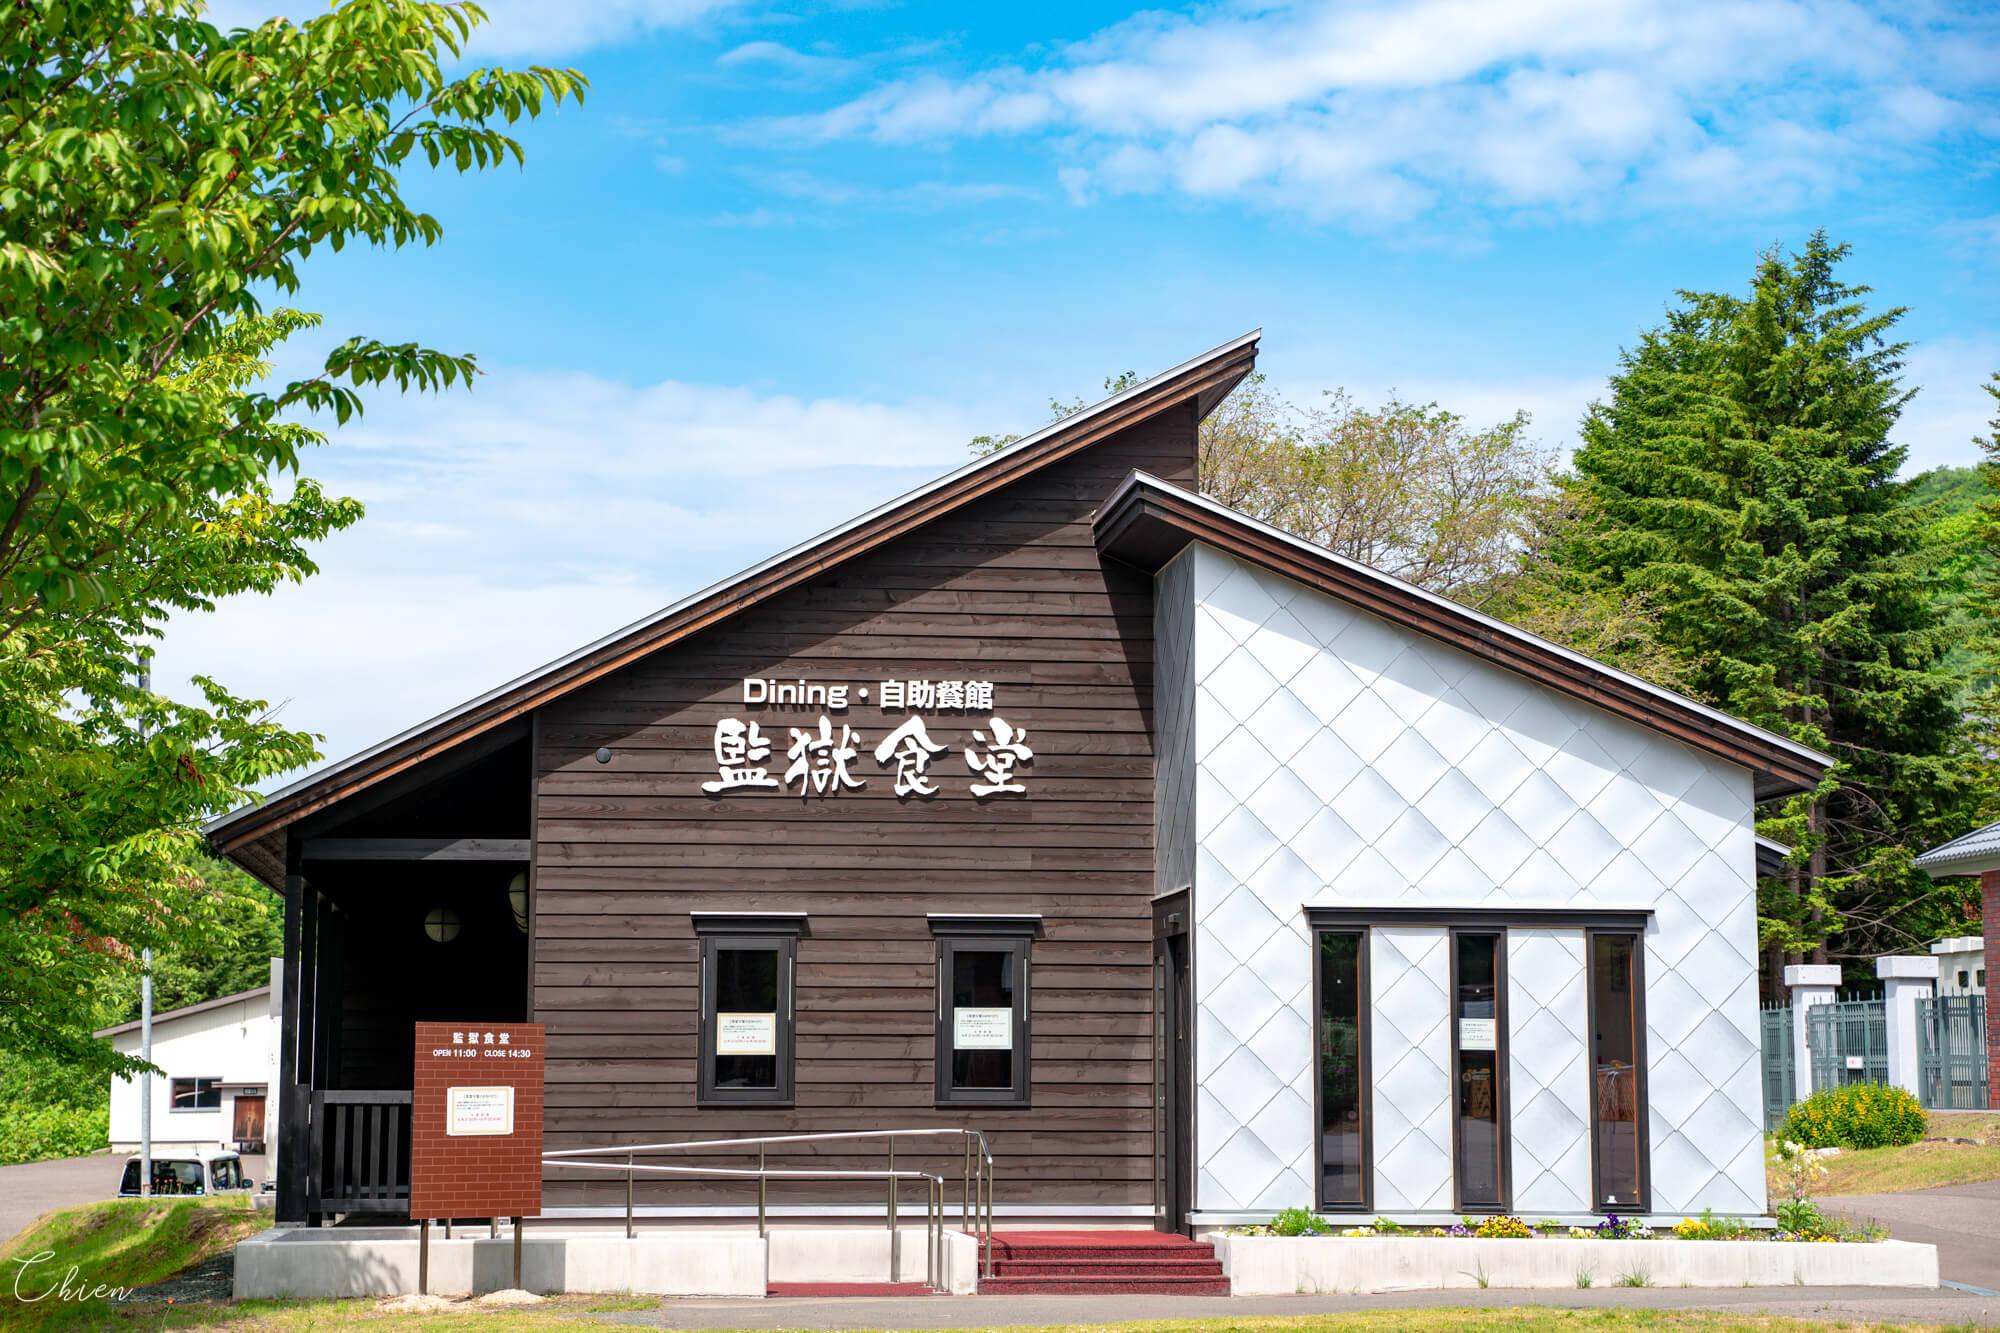 特別的建築巡禮 北海道「網走監獄博物館」食堂